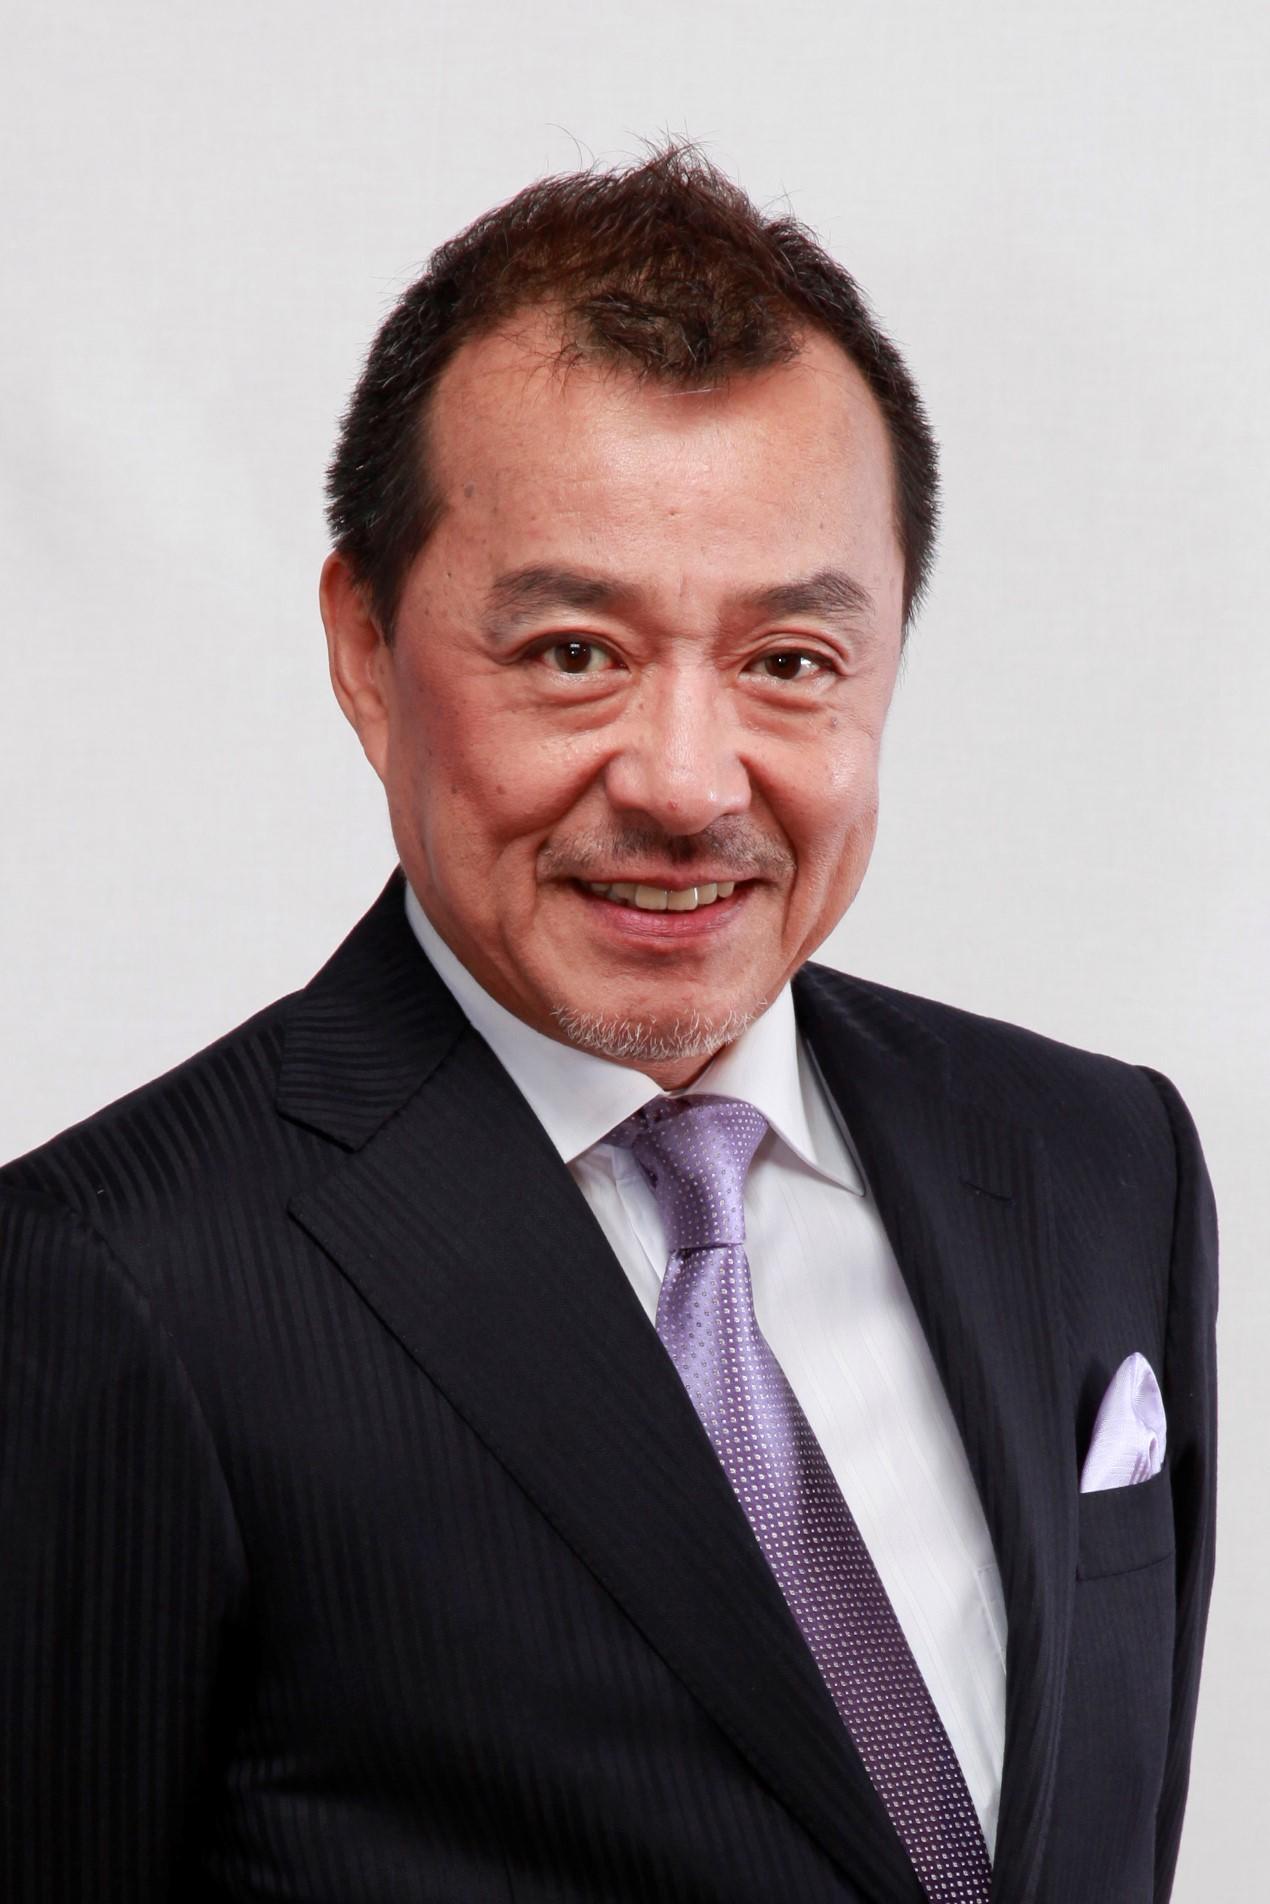 「帝京魂!」のフレーズで話題のファミリーマート店内CMに声優の中尾隆聖氏を起用 -- 帝京平成大学